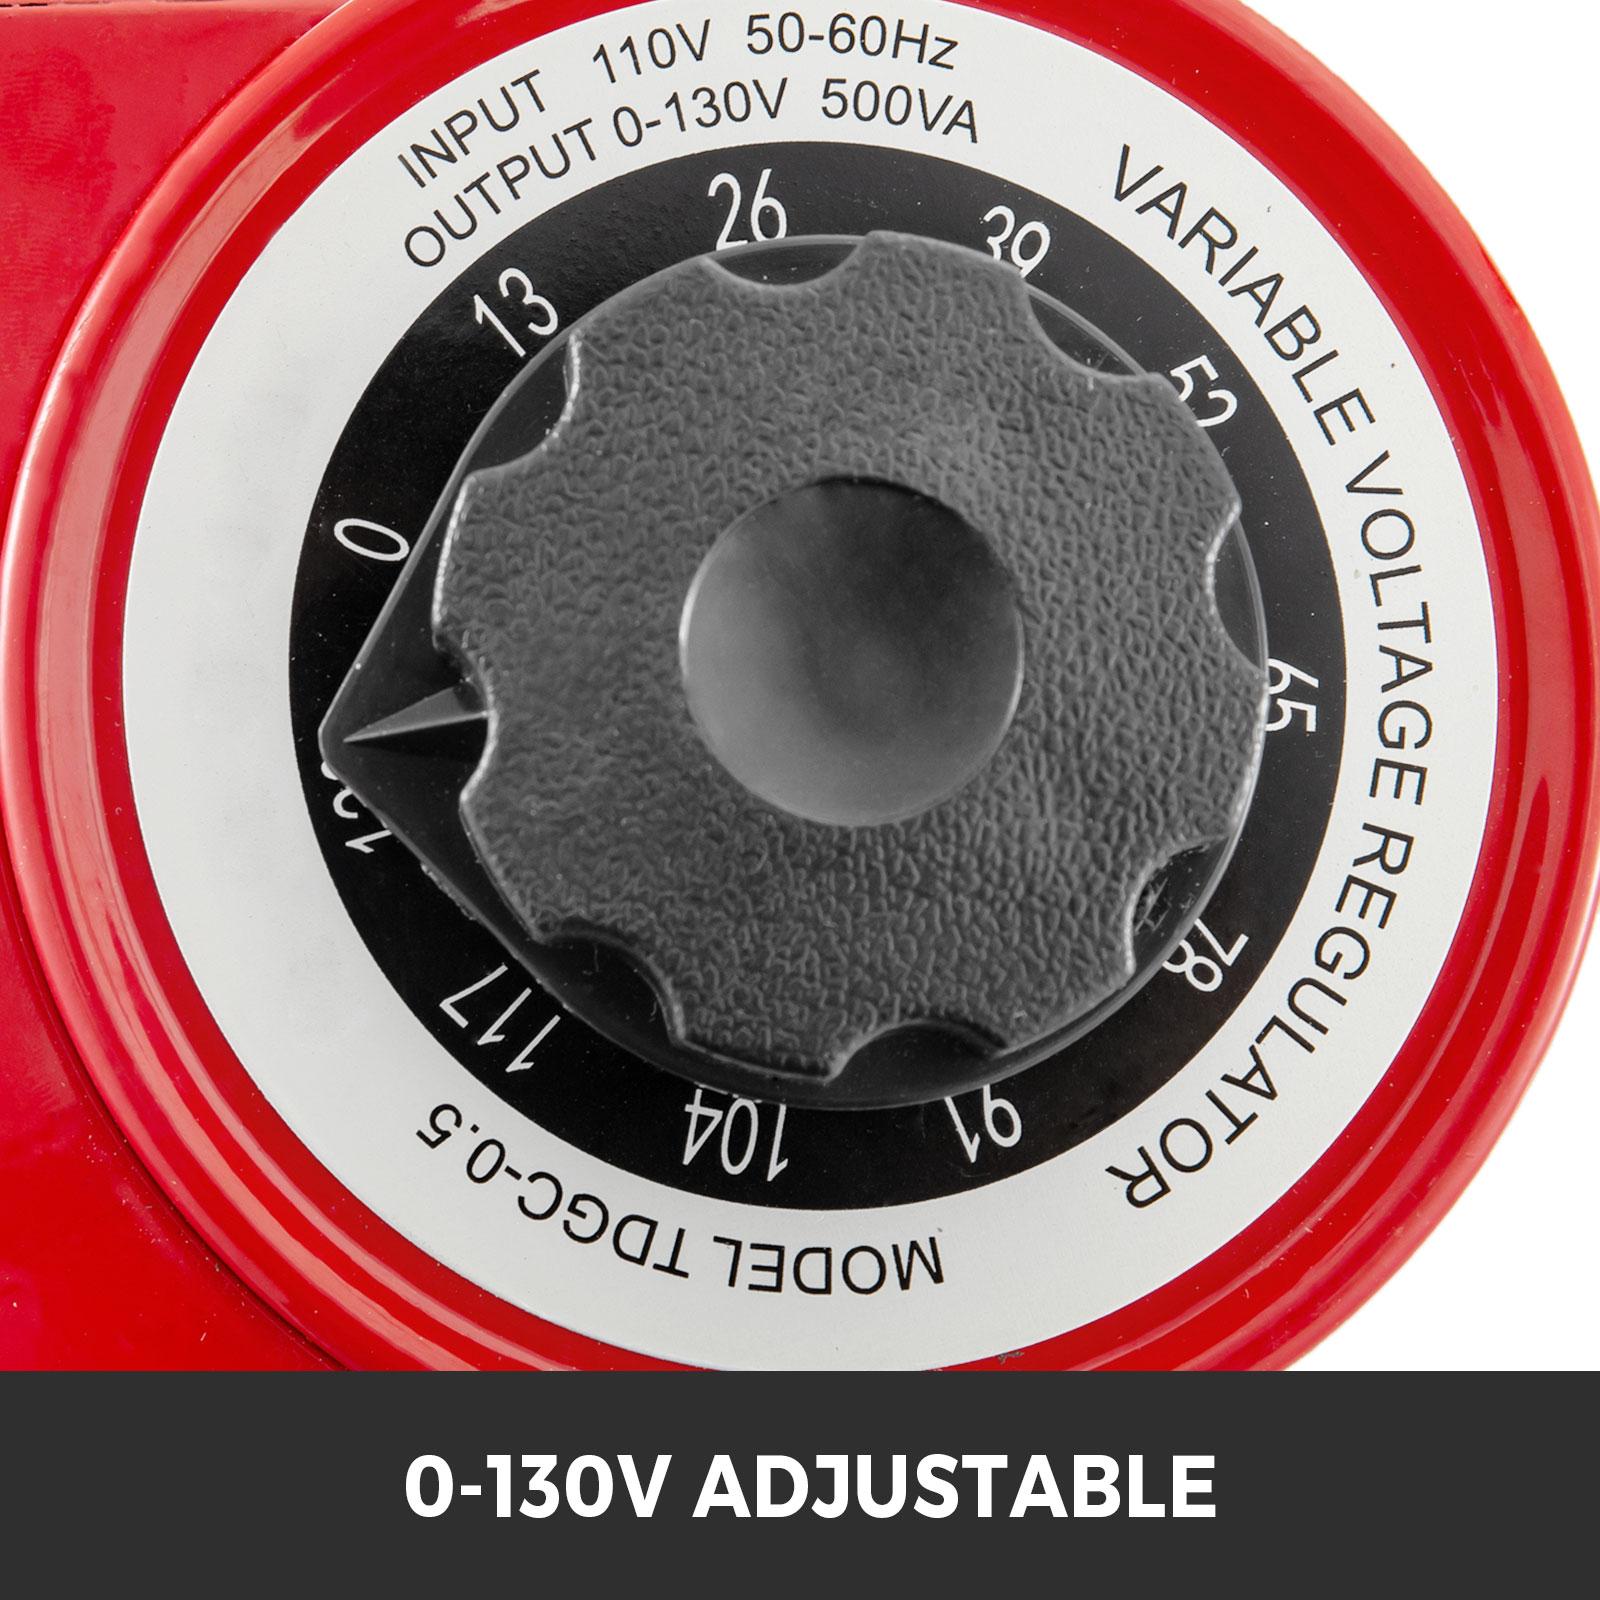 Variac-Variable-Transforme-0-5-1-2-3KVA-LCD-Single-Phase-Digital-Display-0-130V thumbnail 15